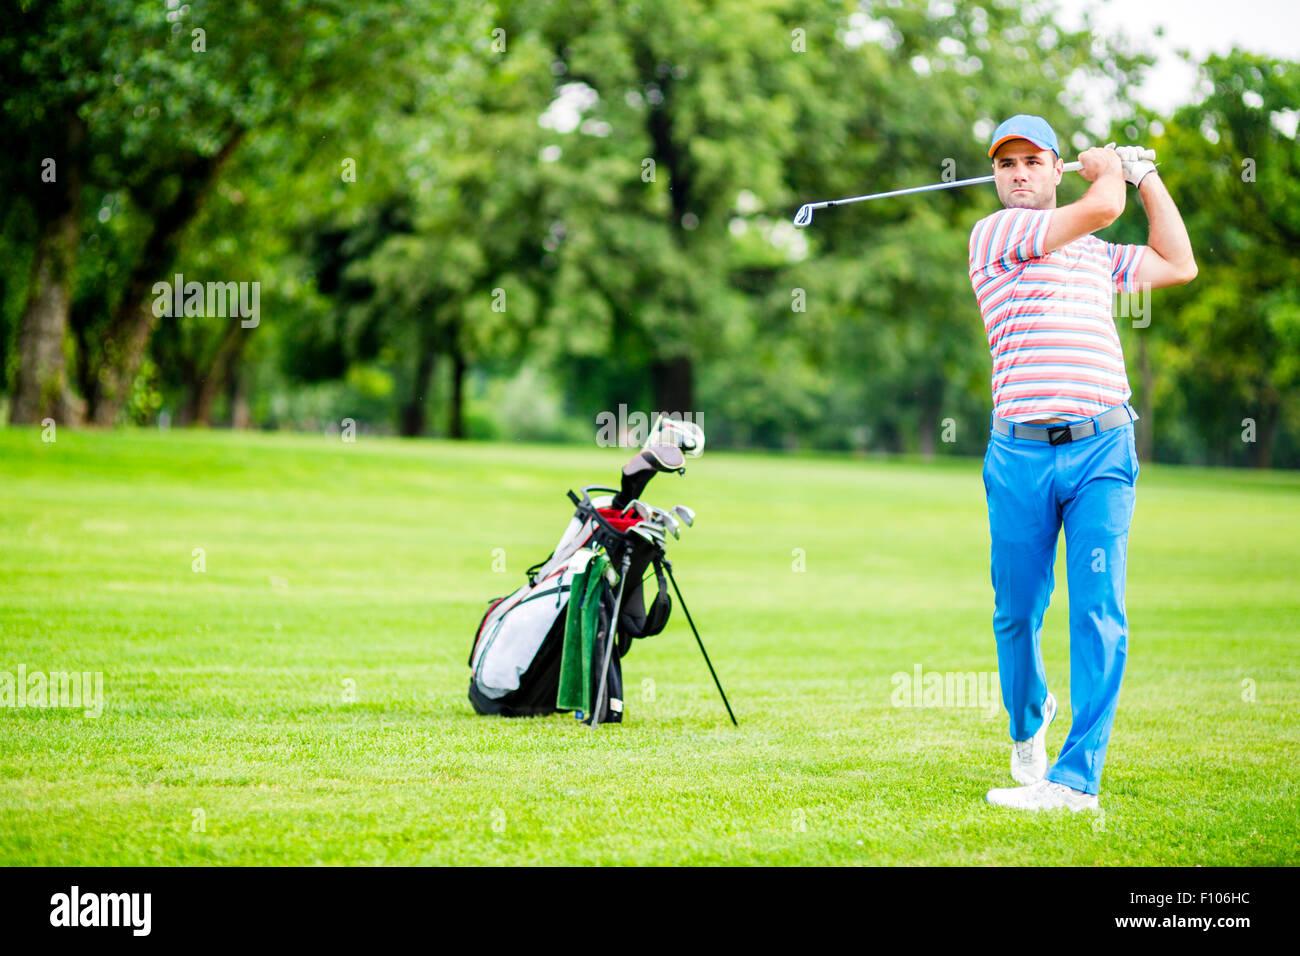 Golfista practicando y concentrar antes y después del disparo durante un día soleado Foto de stock